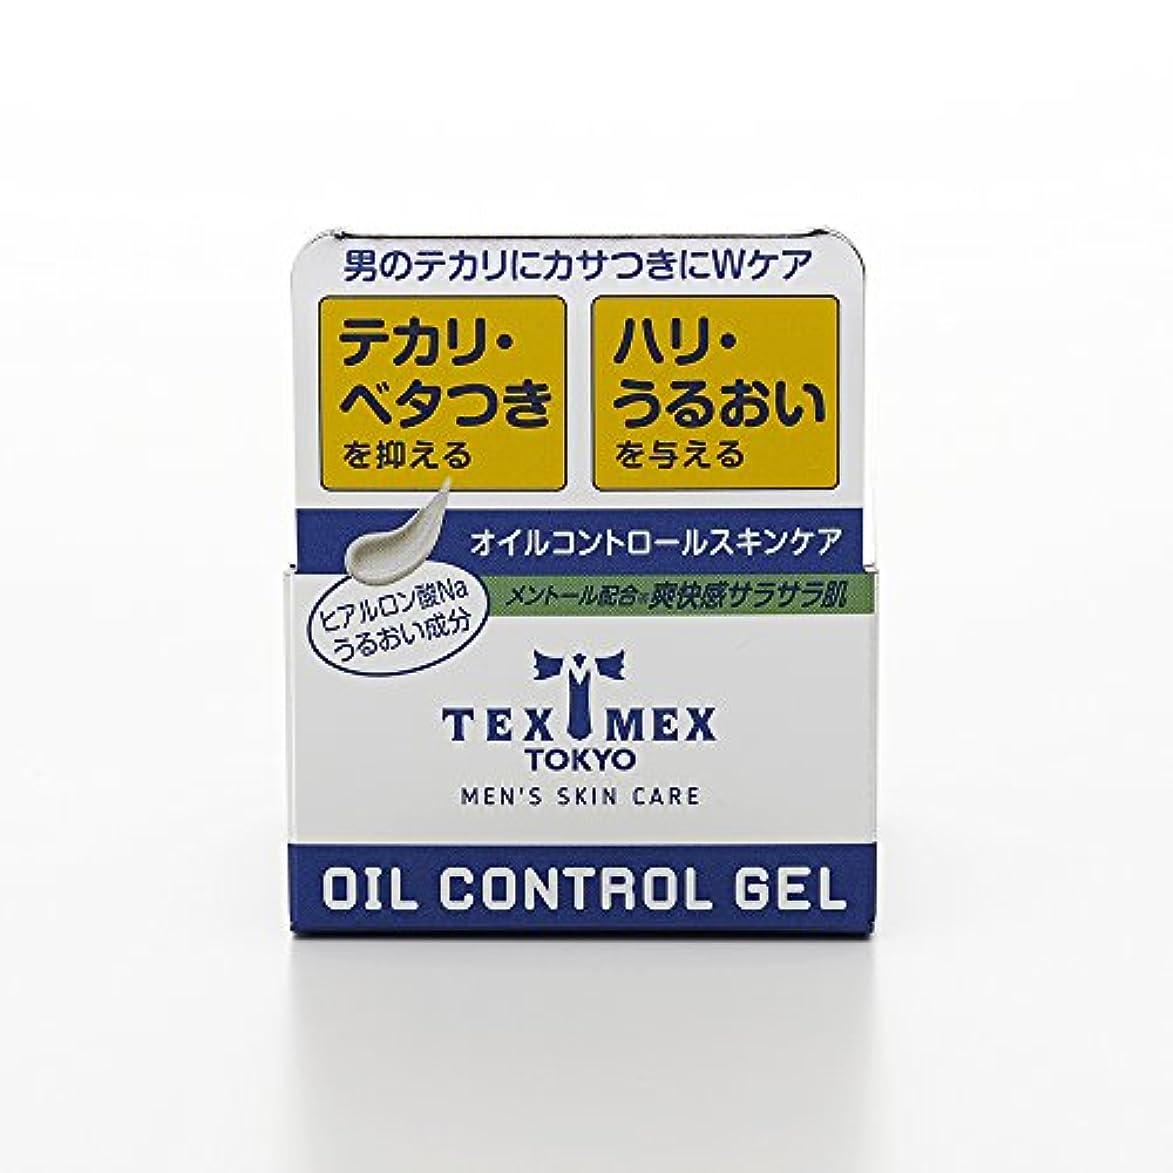 バスタブマンハッタン暗黙テックスメックス オイルコントロールジェル 24g (テカリ防止ジェル) 【塗るだけでサラサラ肌に】